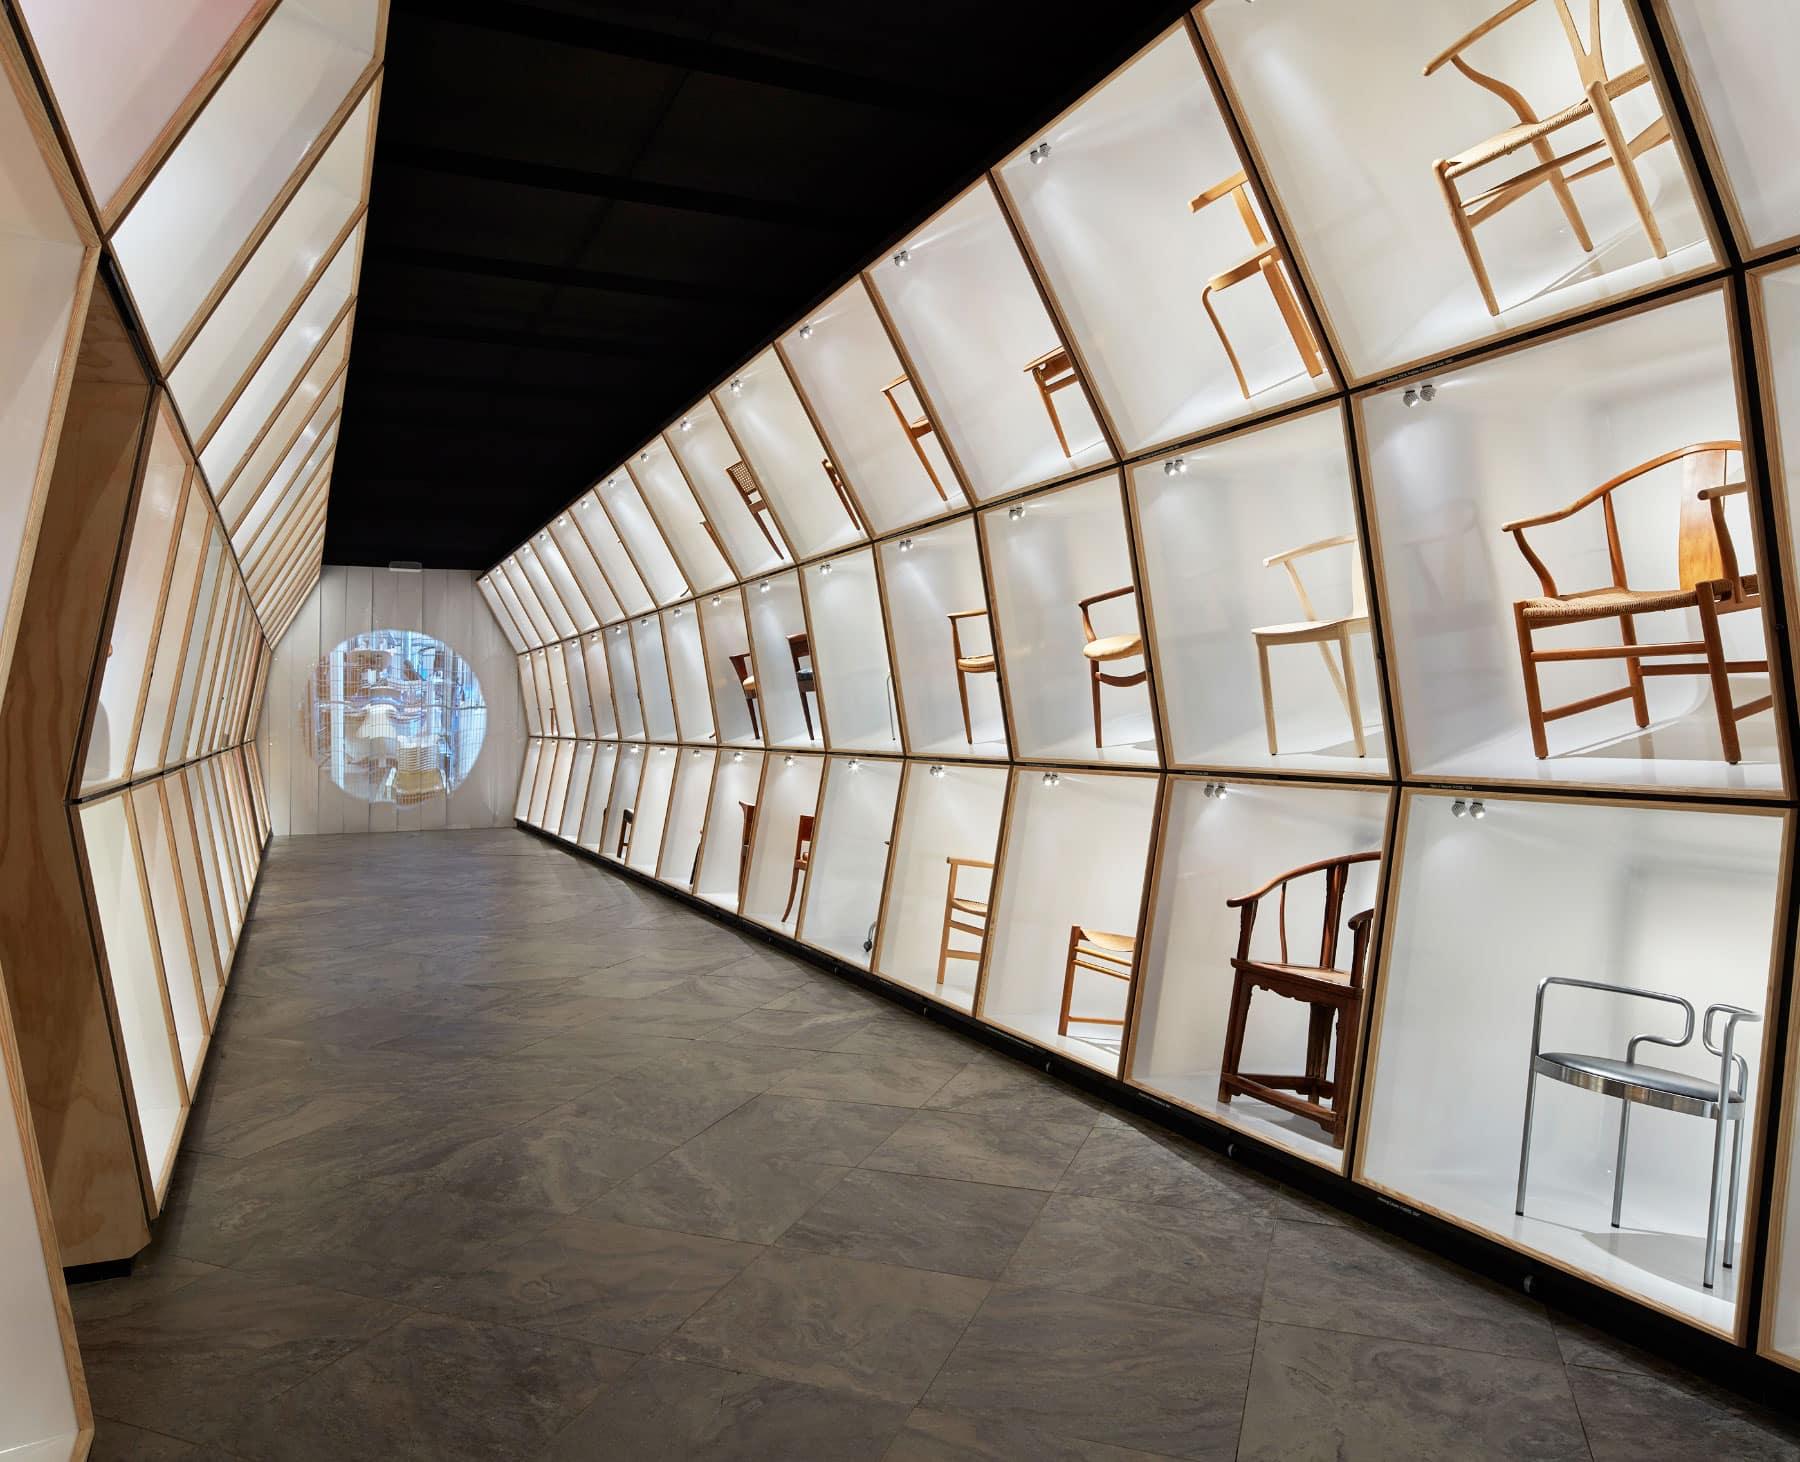 Designmuseum Danmark chairs exhibit